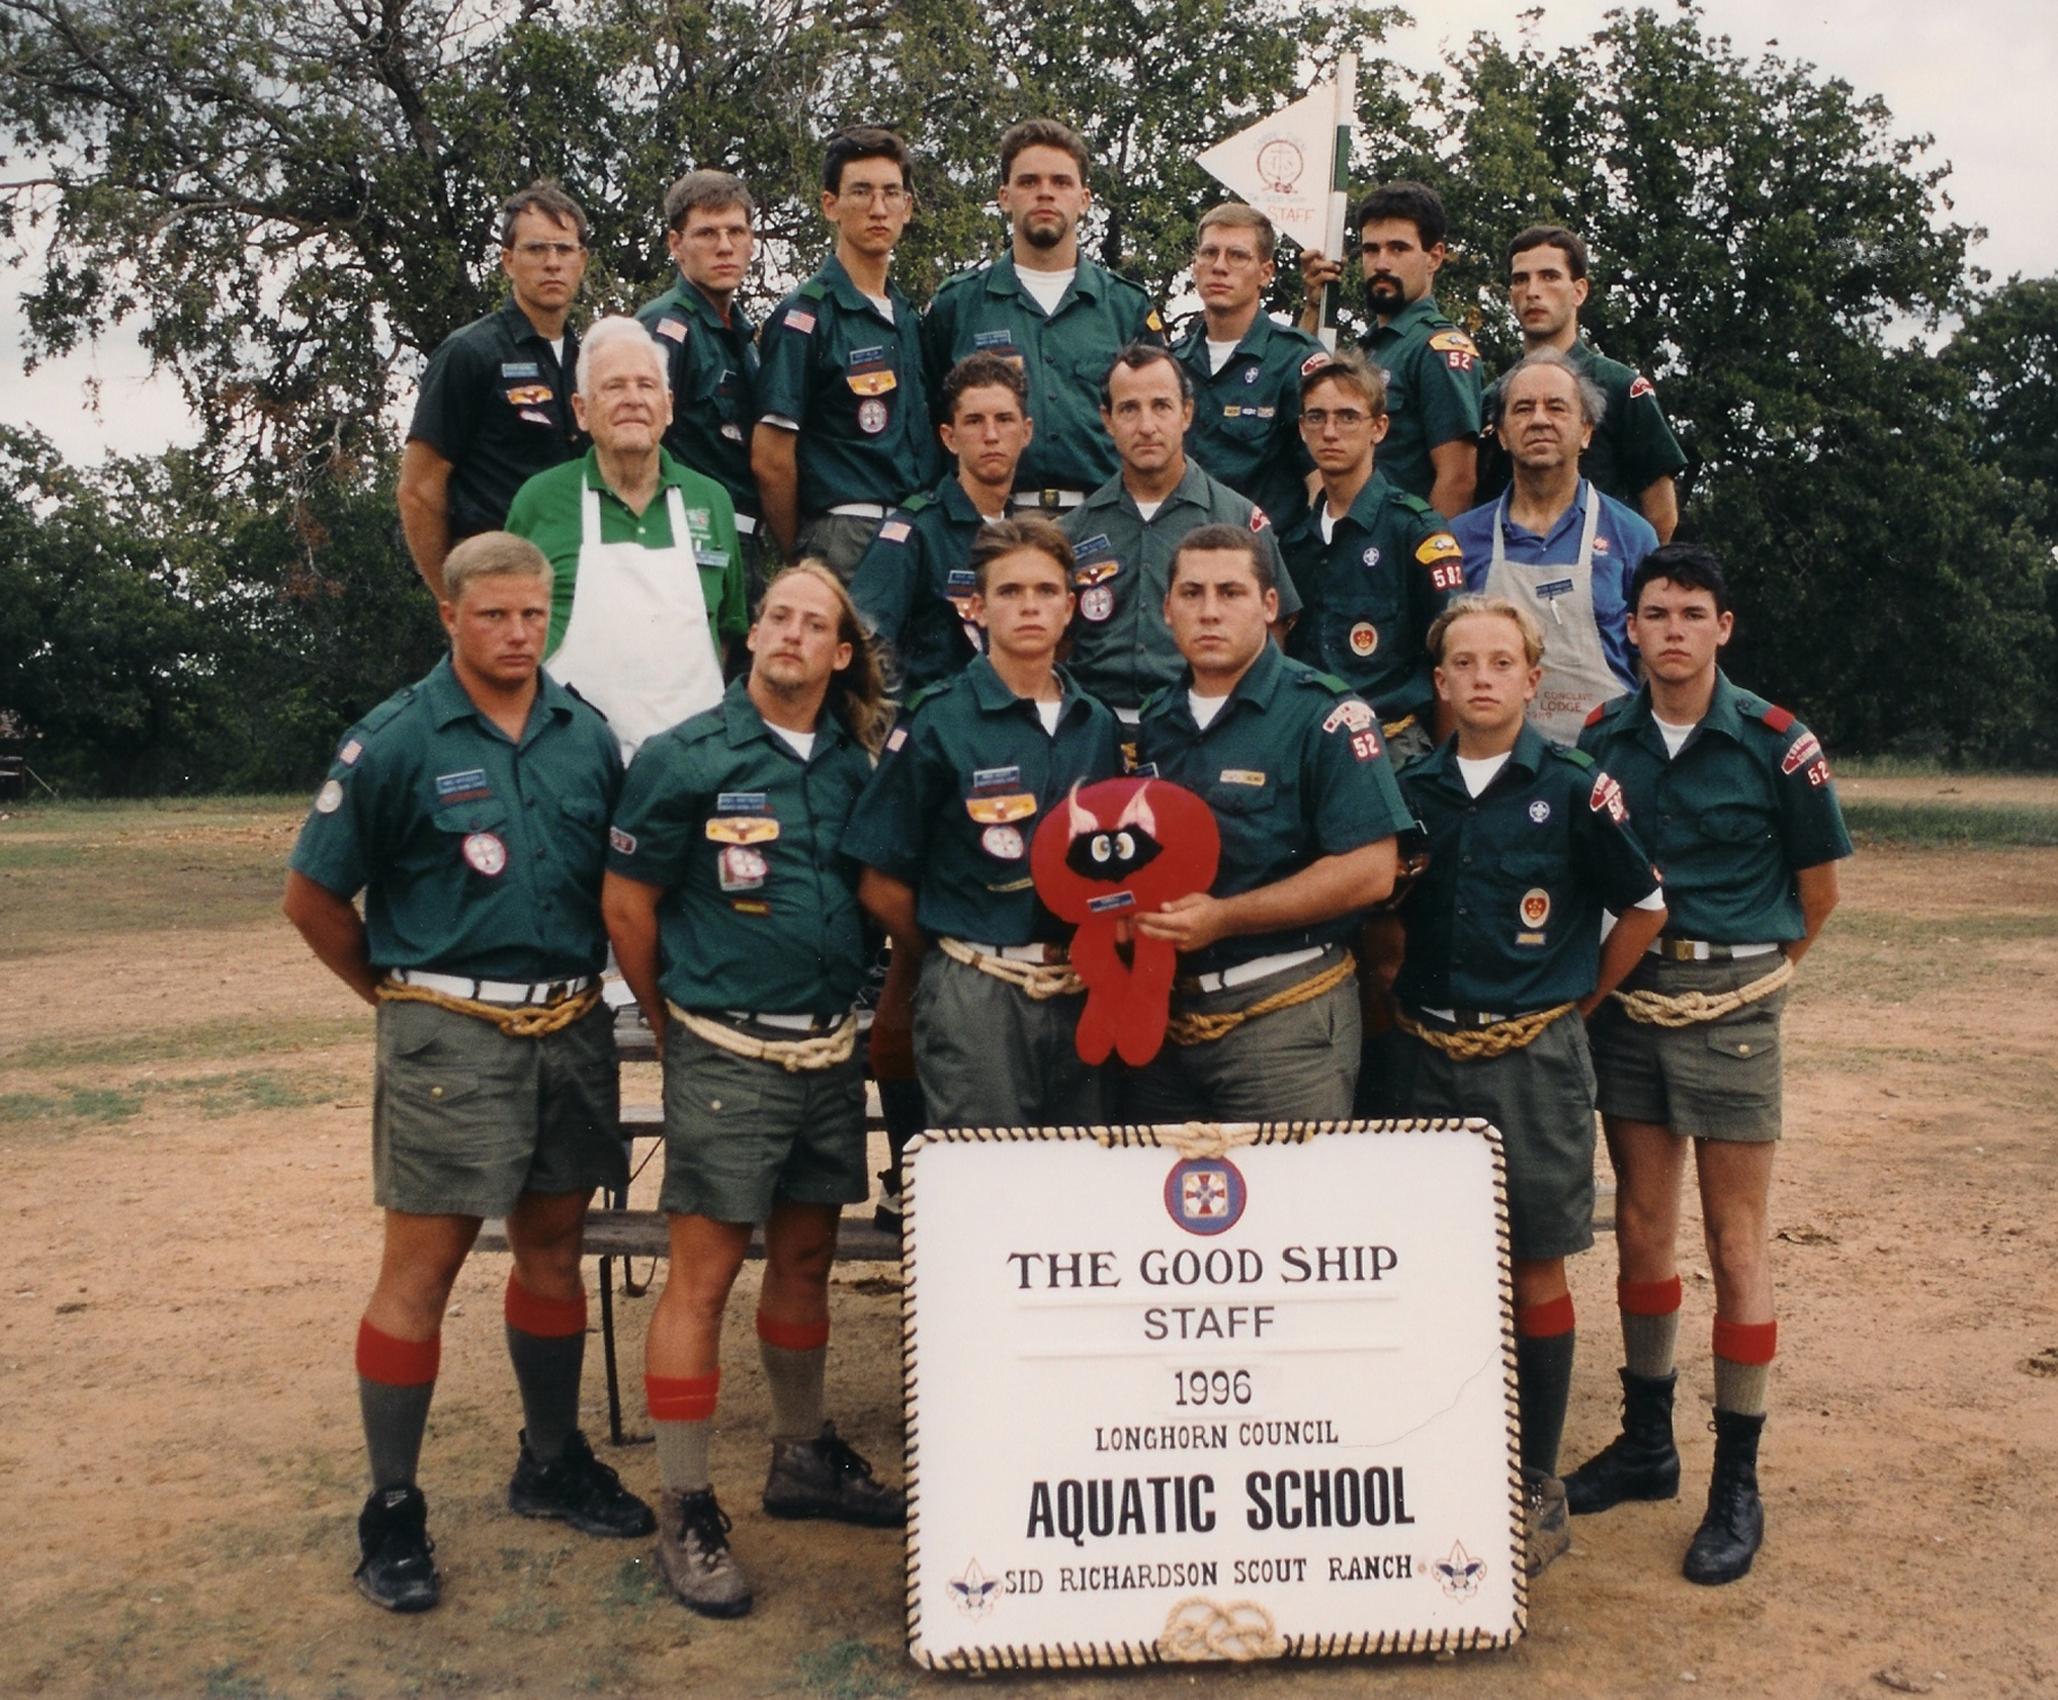 1996 Staff